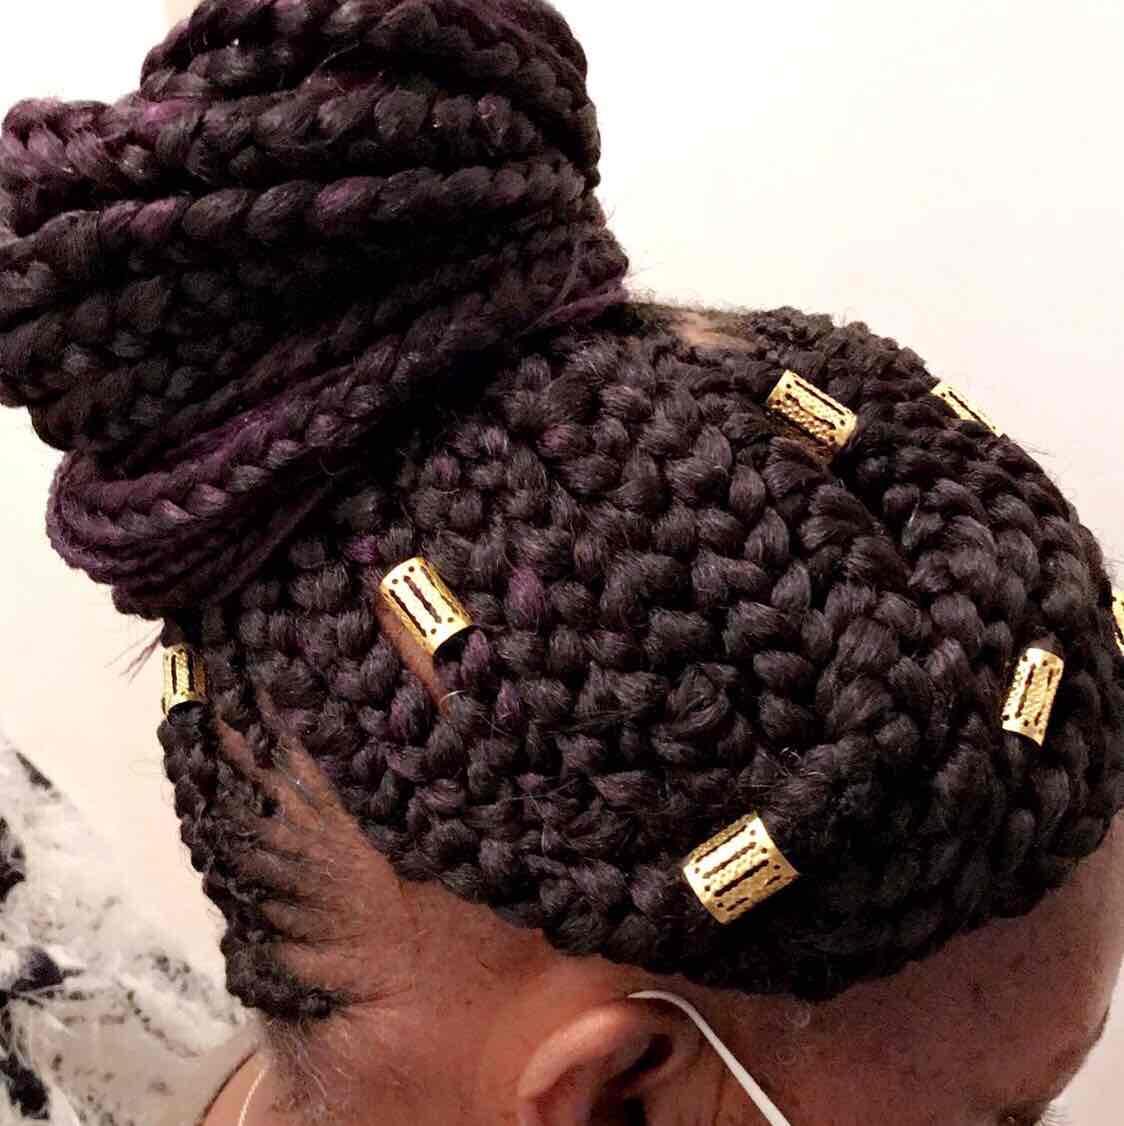 salon de coiffure afro tresse tresses box braids crochet braids vanilles tissages paris 75 77 78 91 92 93 94 95 UPVZWPKB